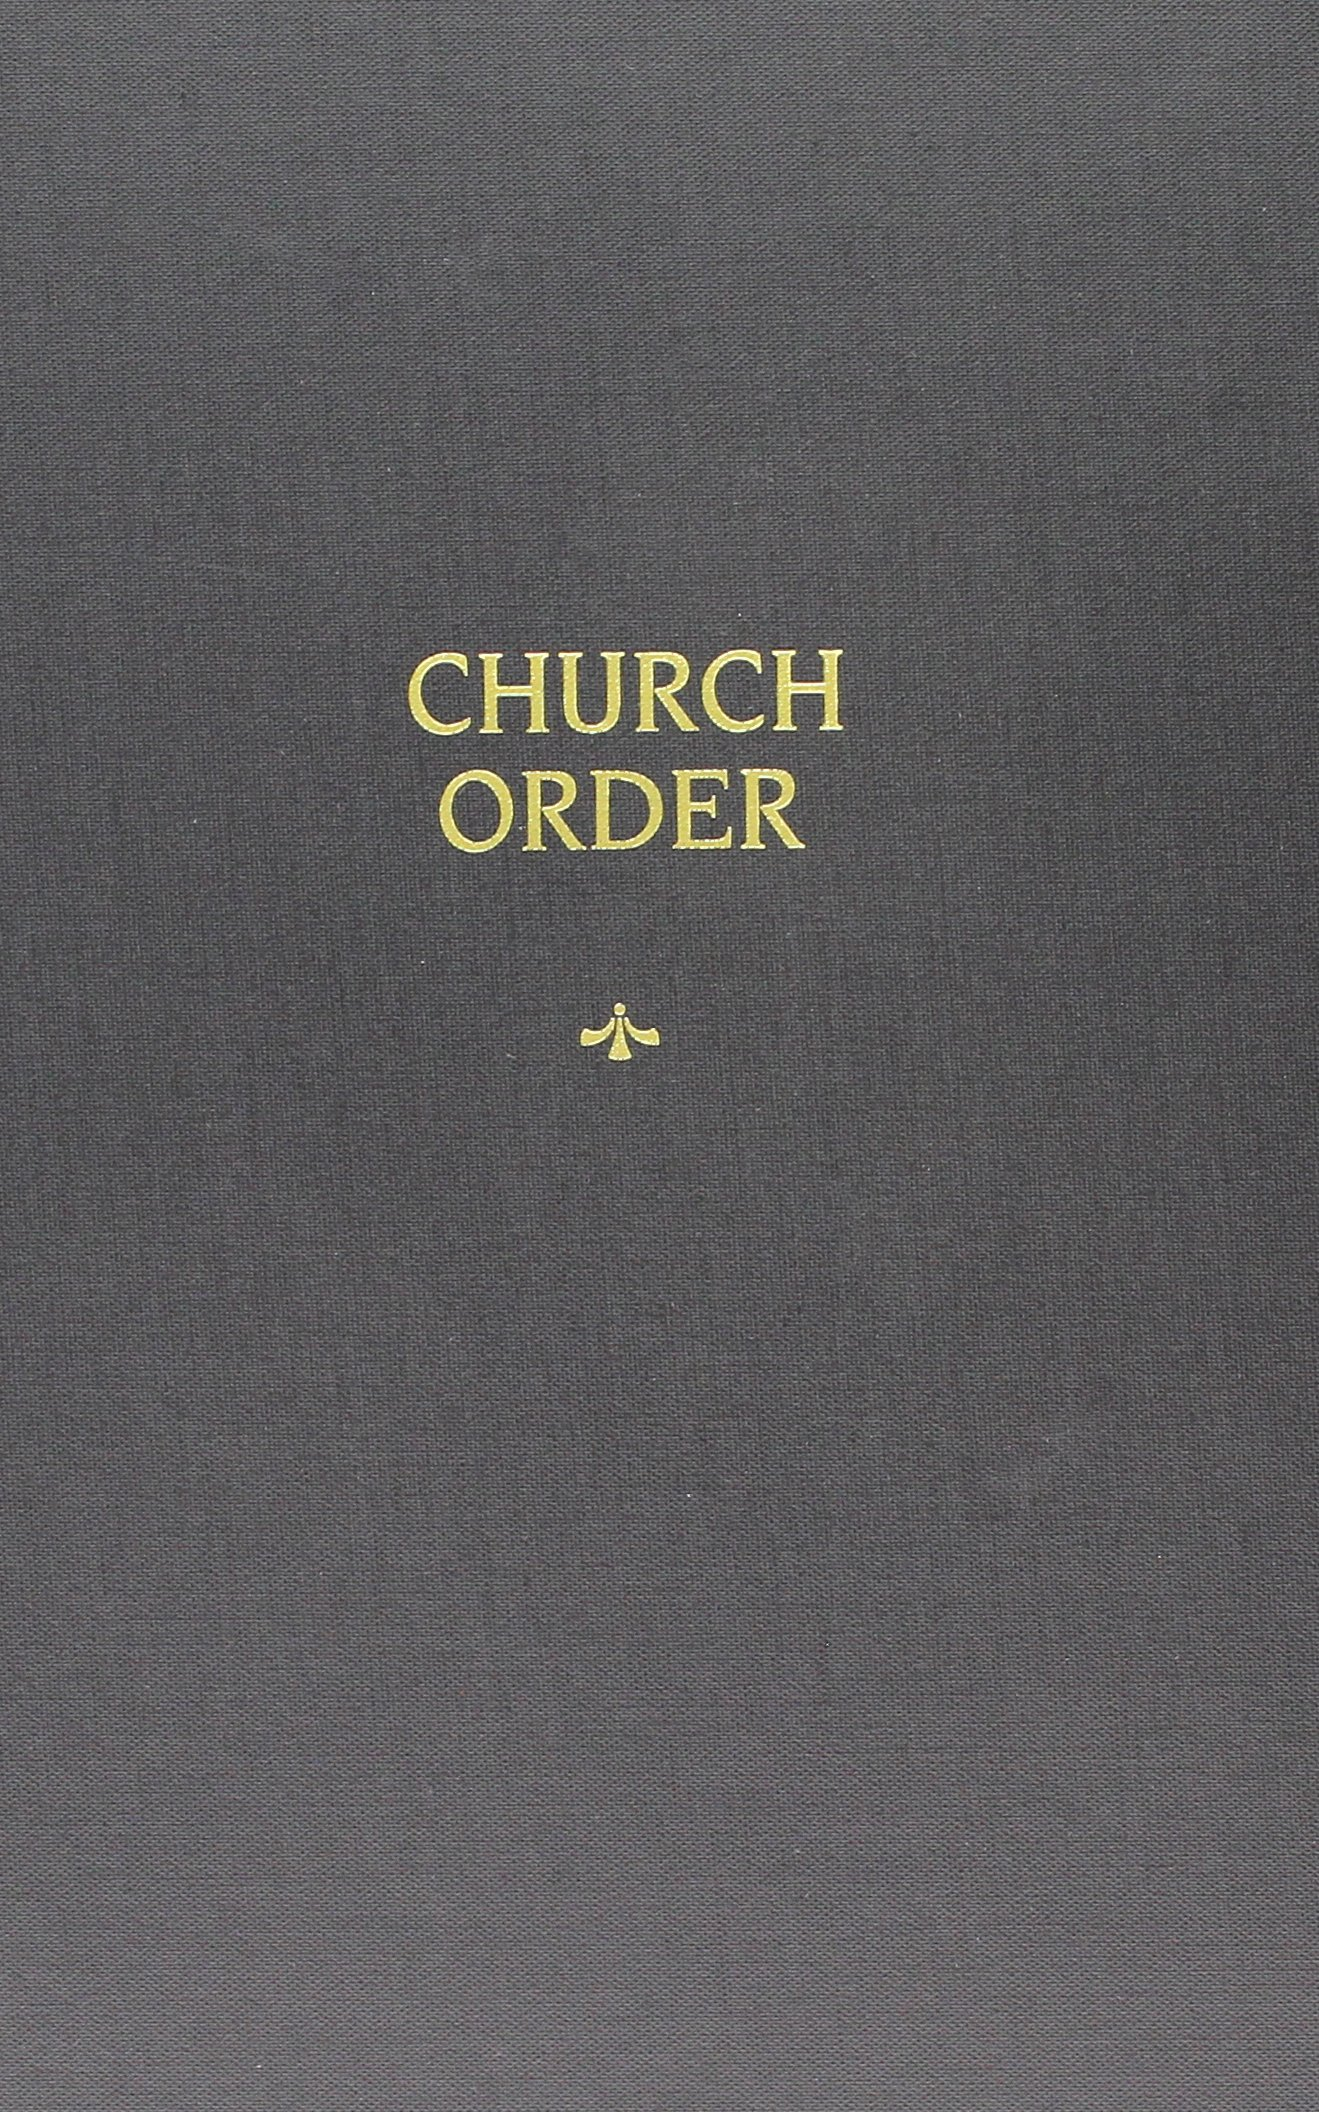 Chemnitzs Works: Church Order ebook